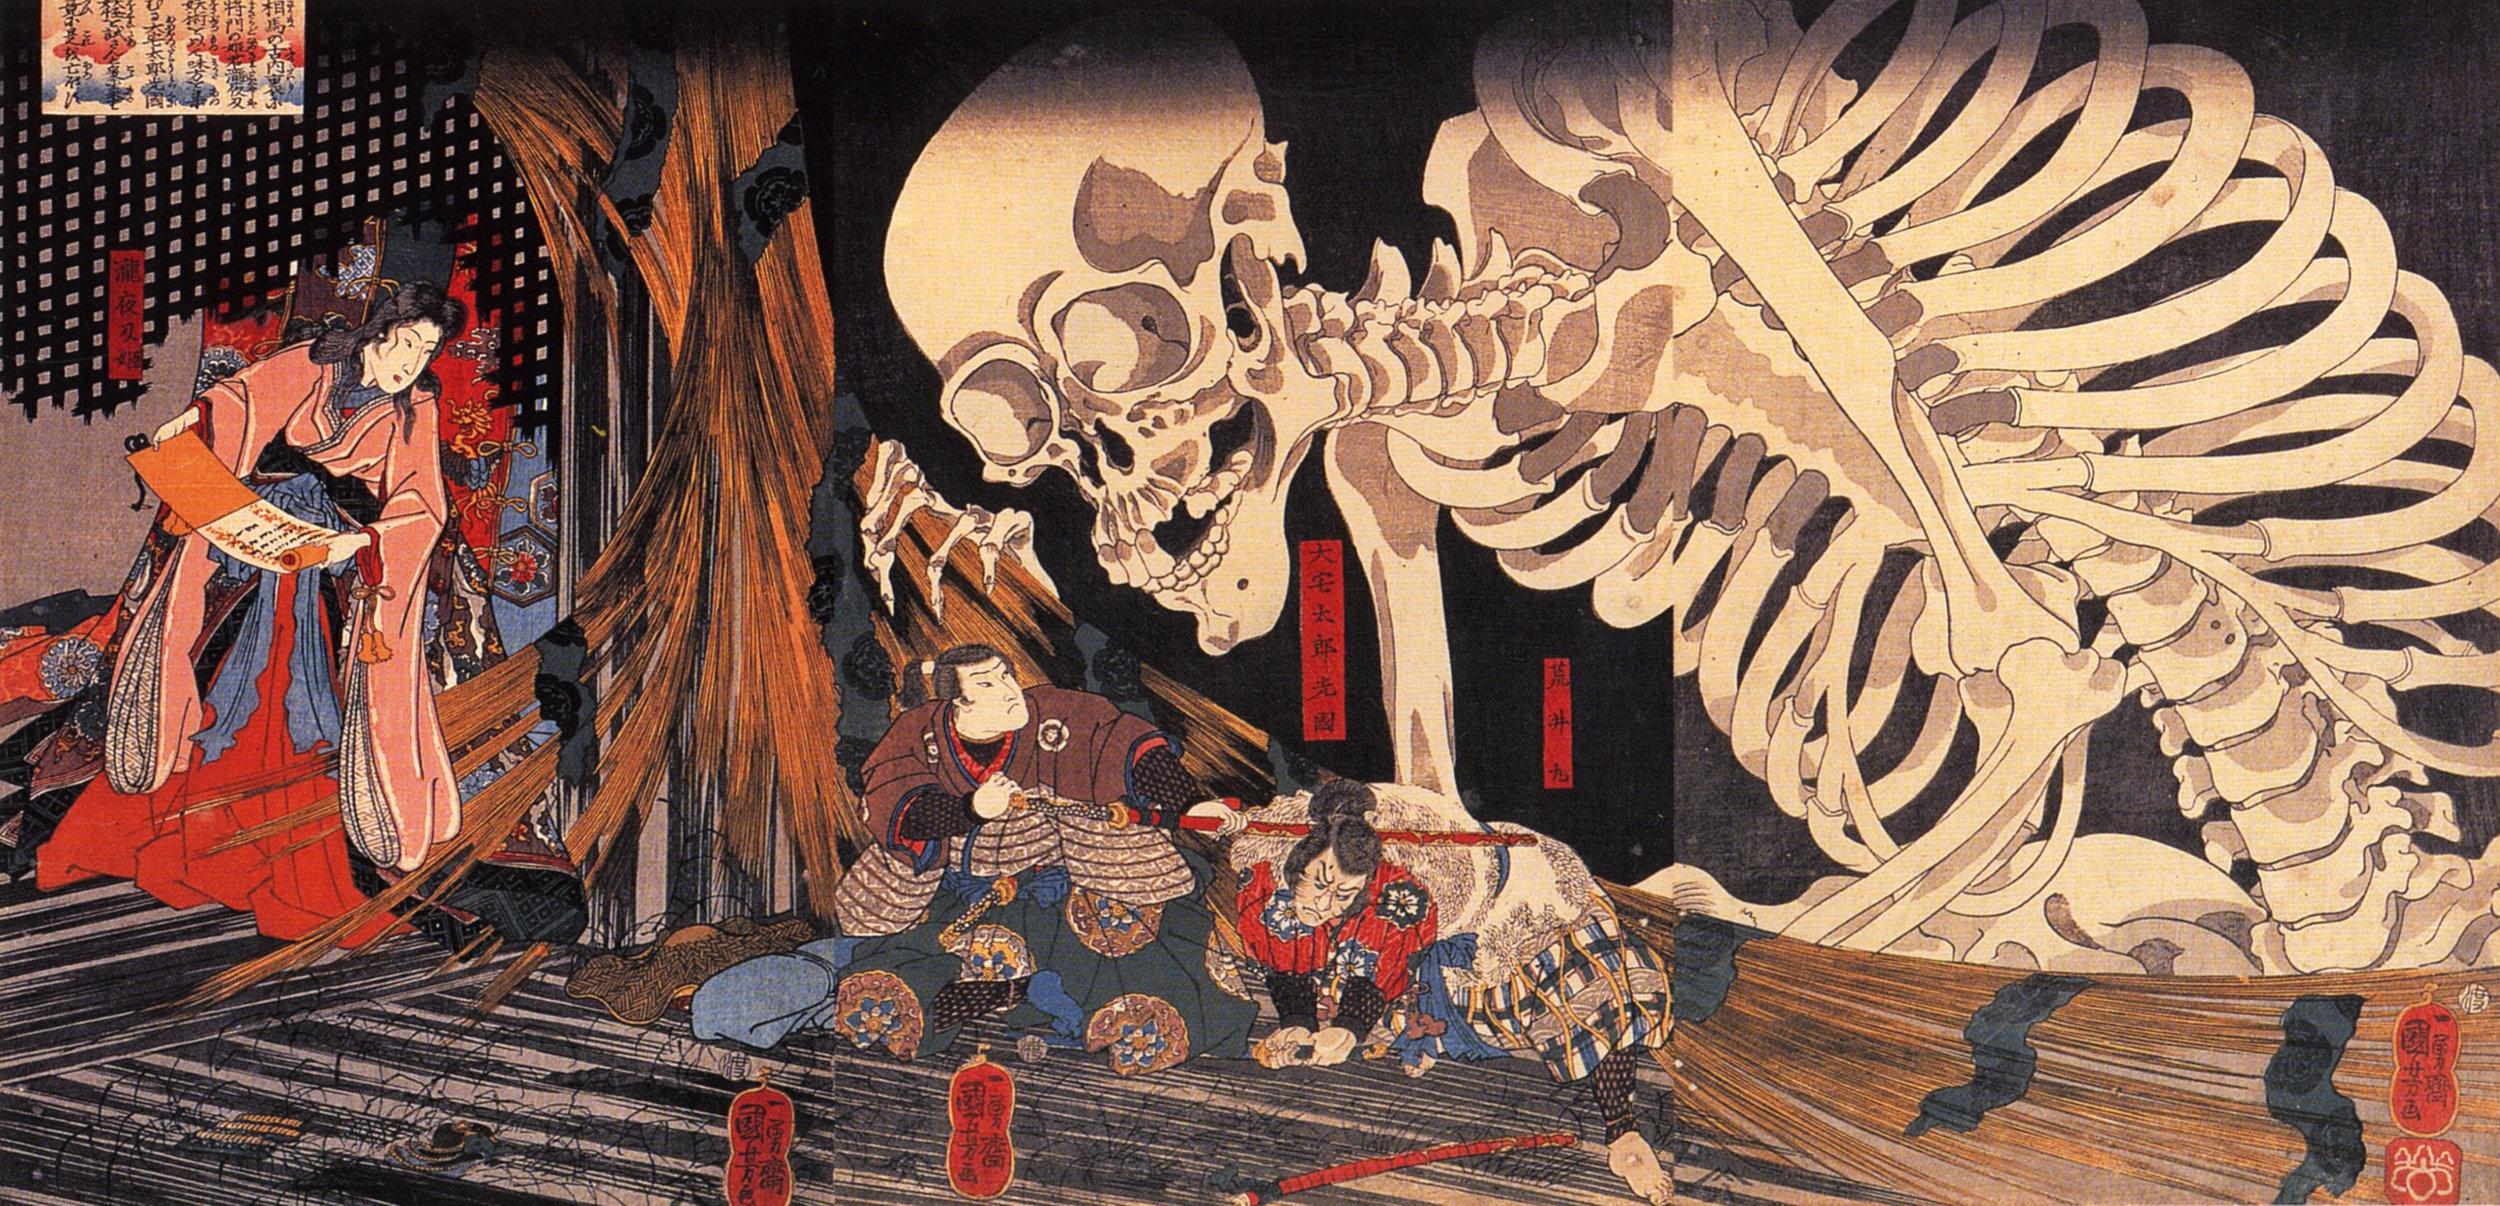 Takiyasha the Witch and the Skeleton Spectre by Utagawa Kuniyoshi